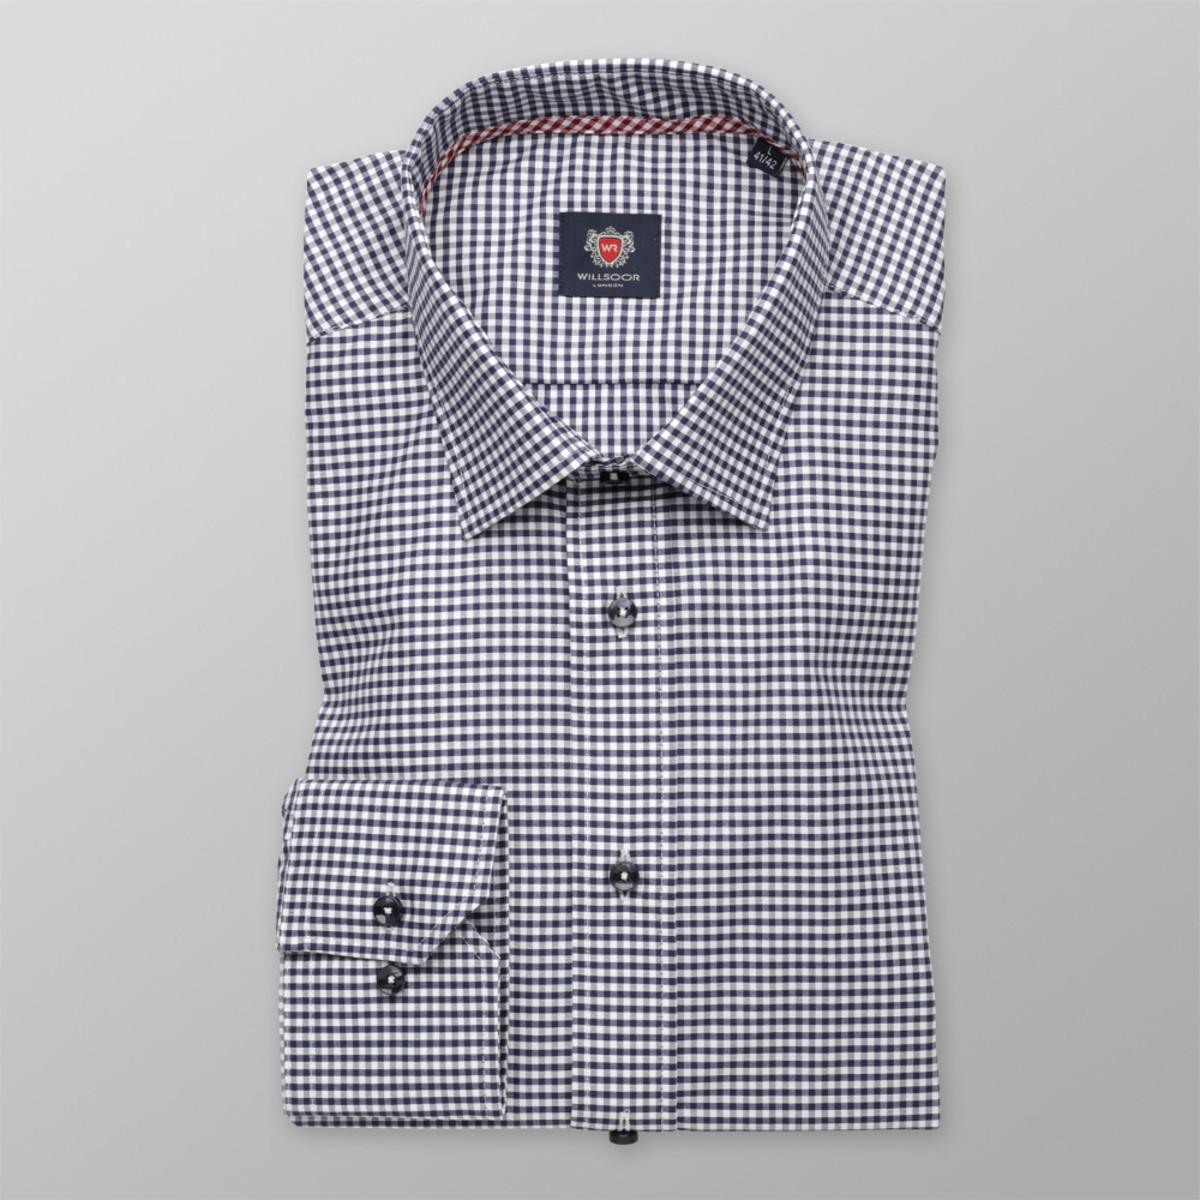 Košile London gingham (všechny velikosti) 9927 164-170 / M (39/40)